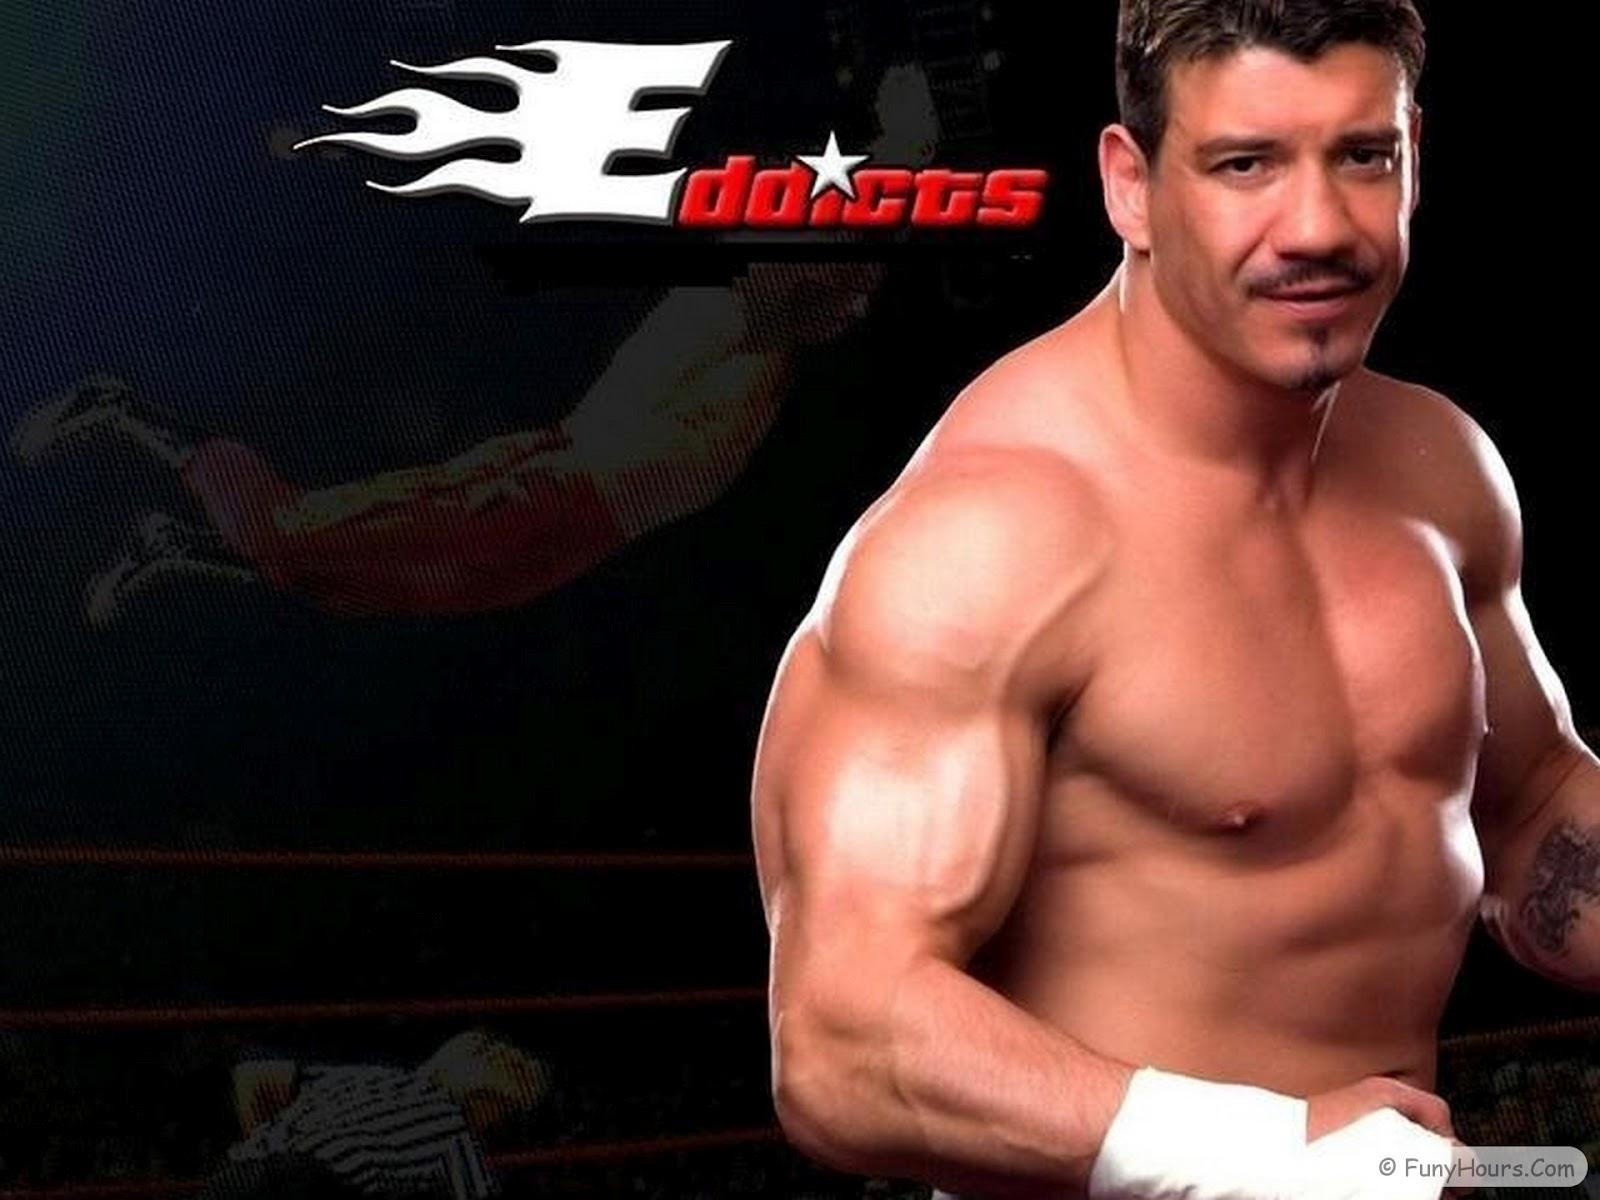 Batista Hd Wallpapers 2014 Wwe Wallpapers Eddie Eddie Guerrero Eddie Guerrero